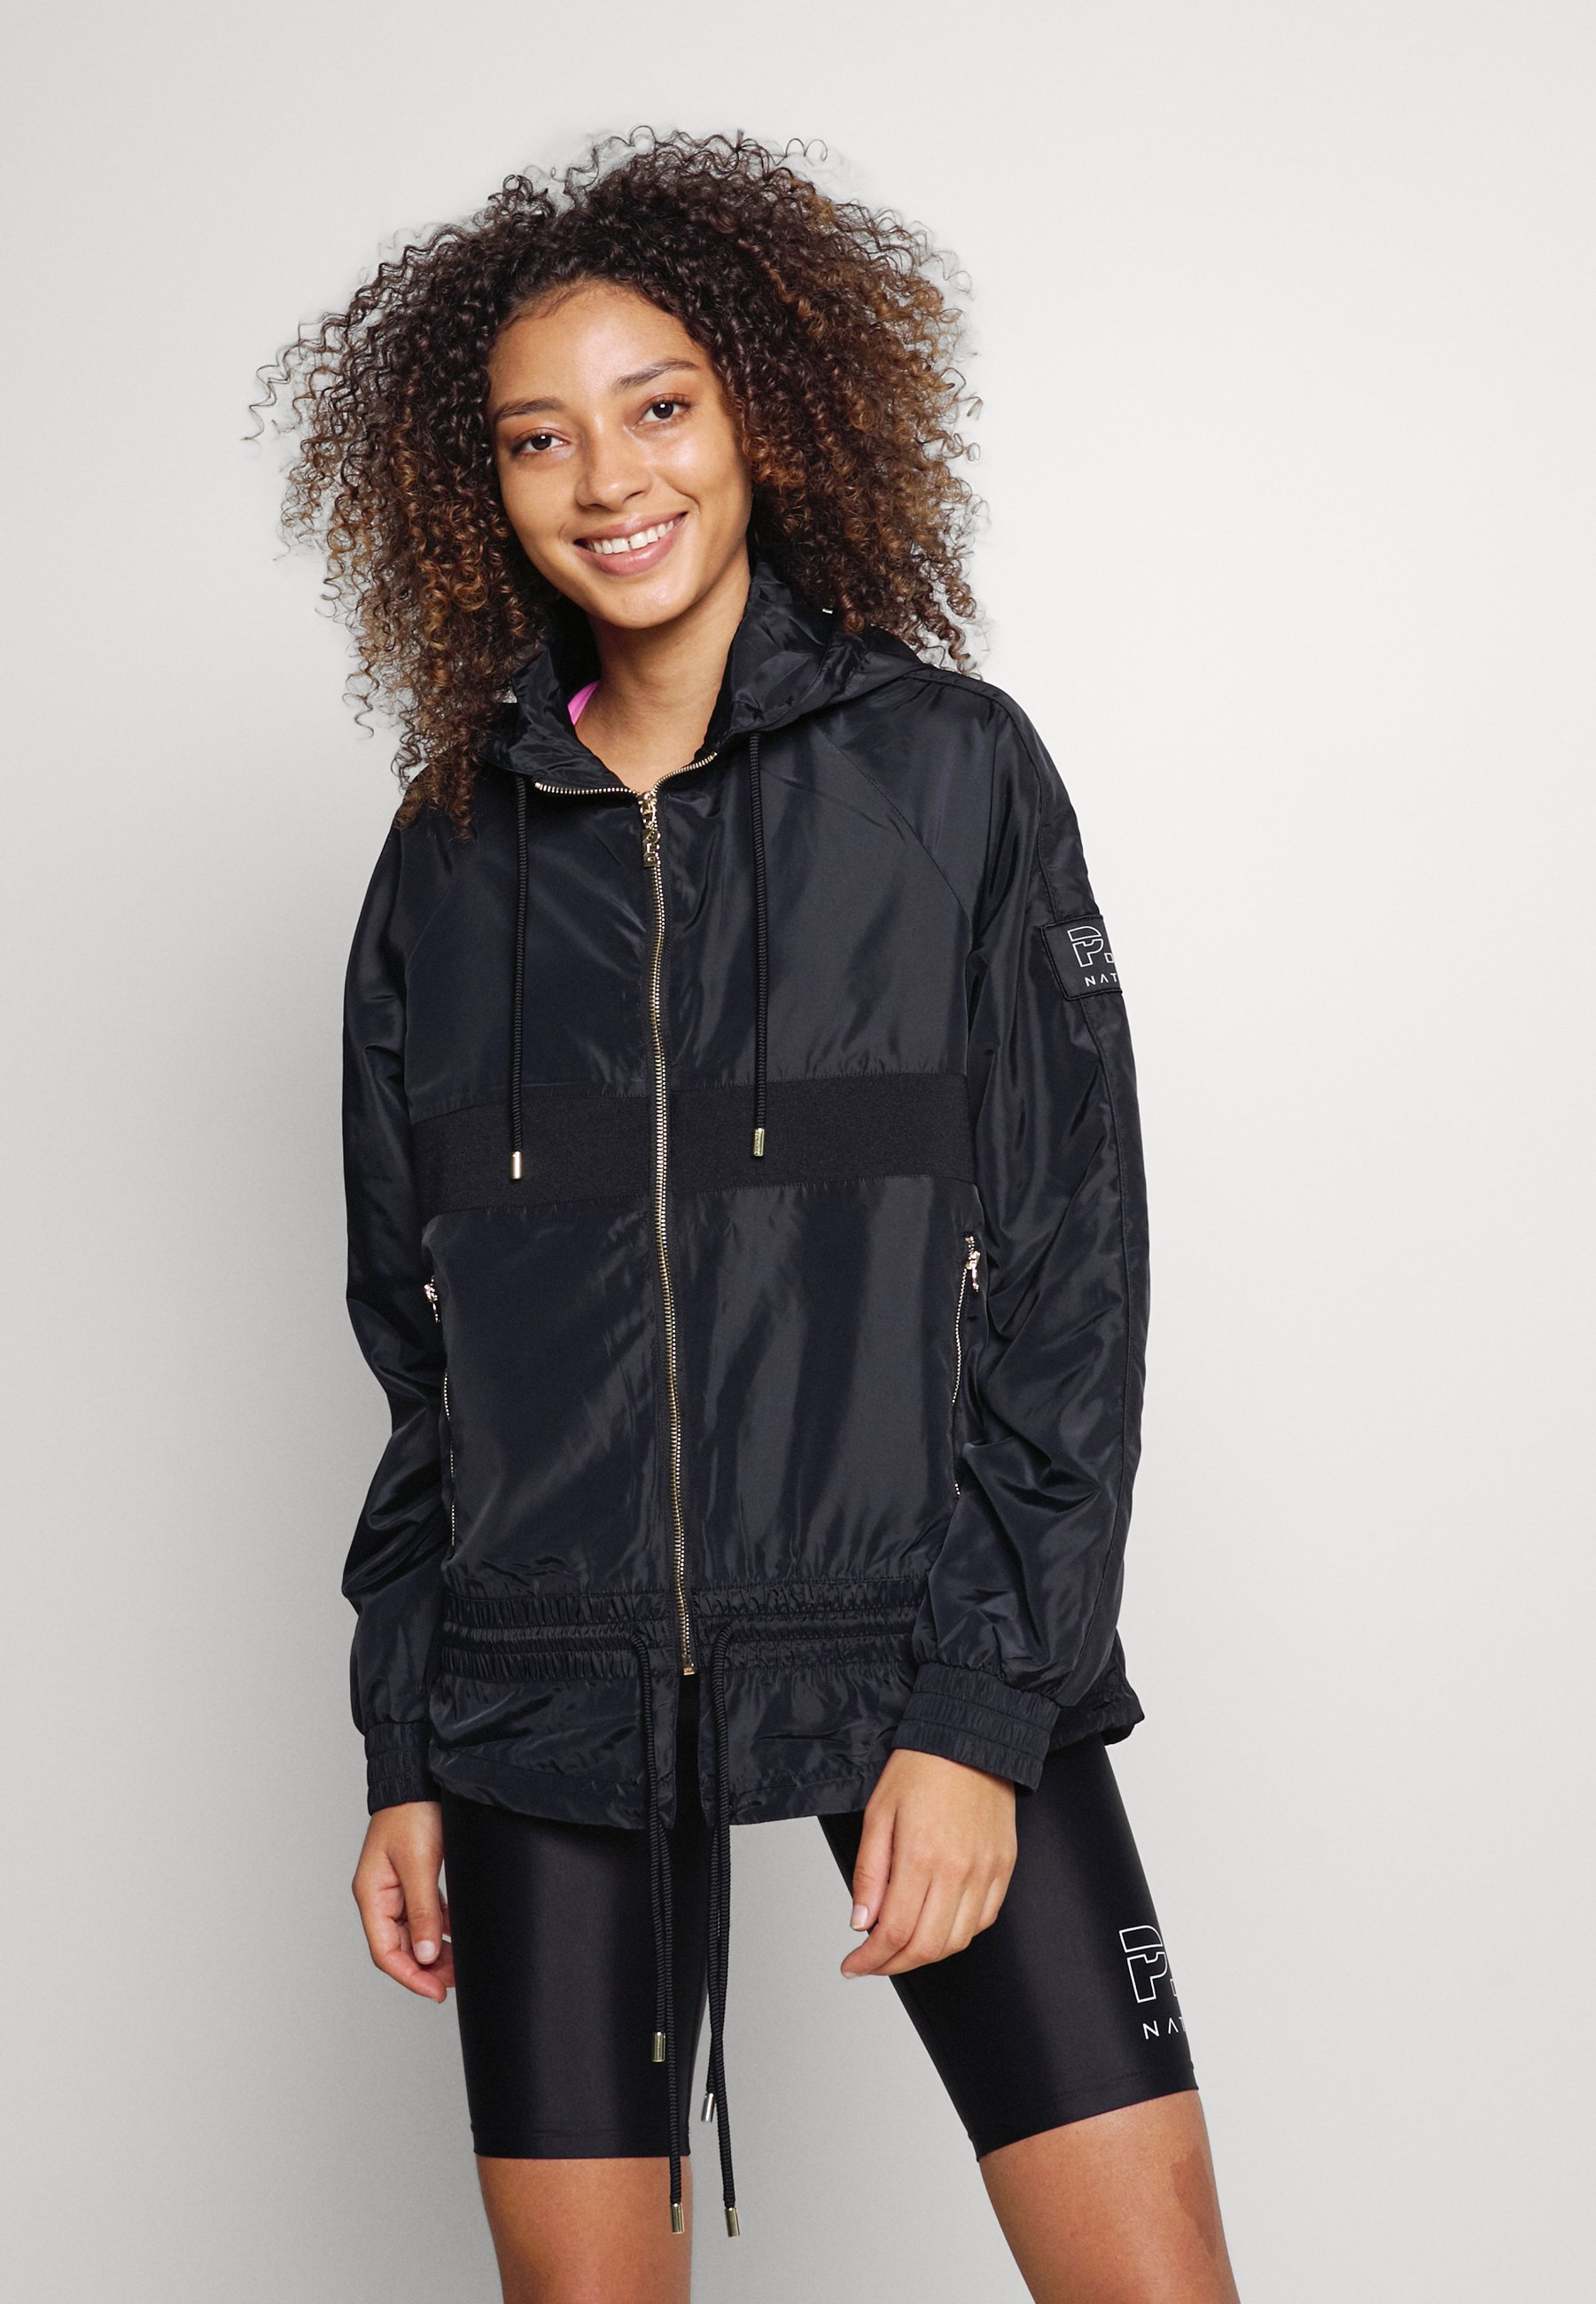 Women ENDURANCE JACKET - Training jacket